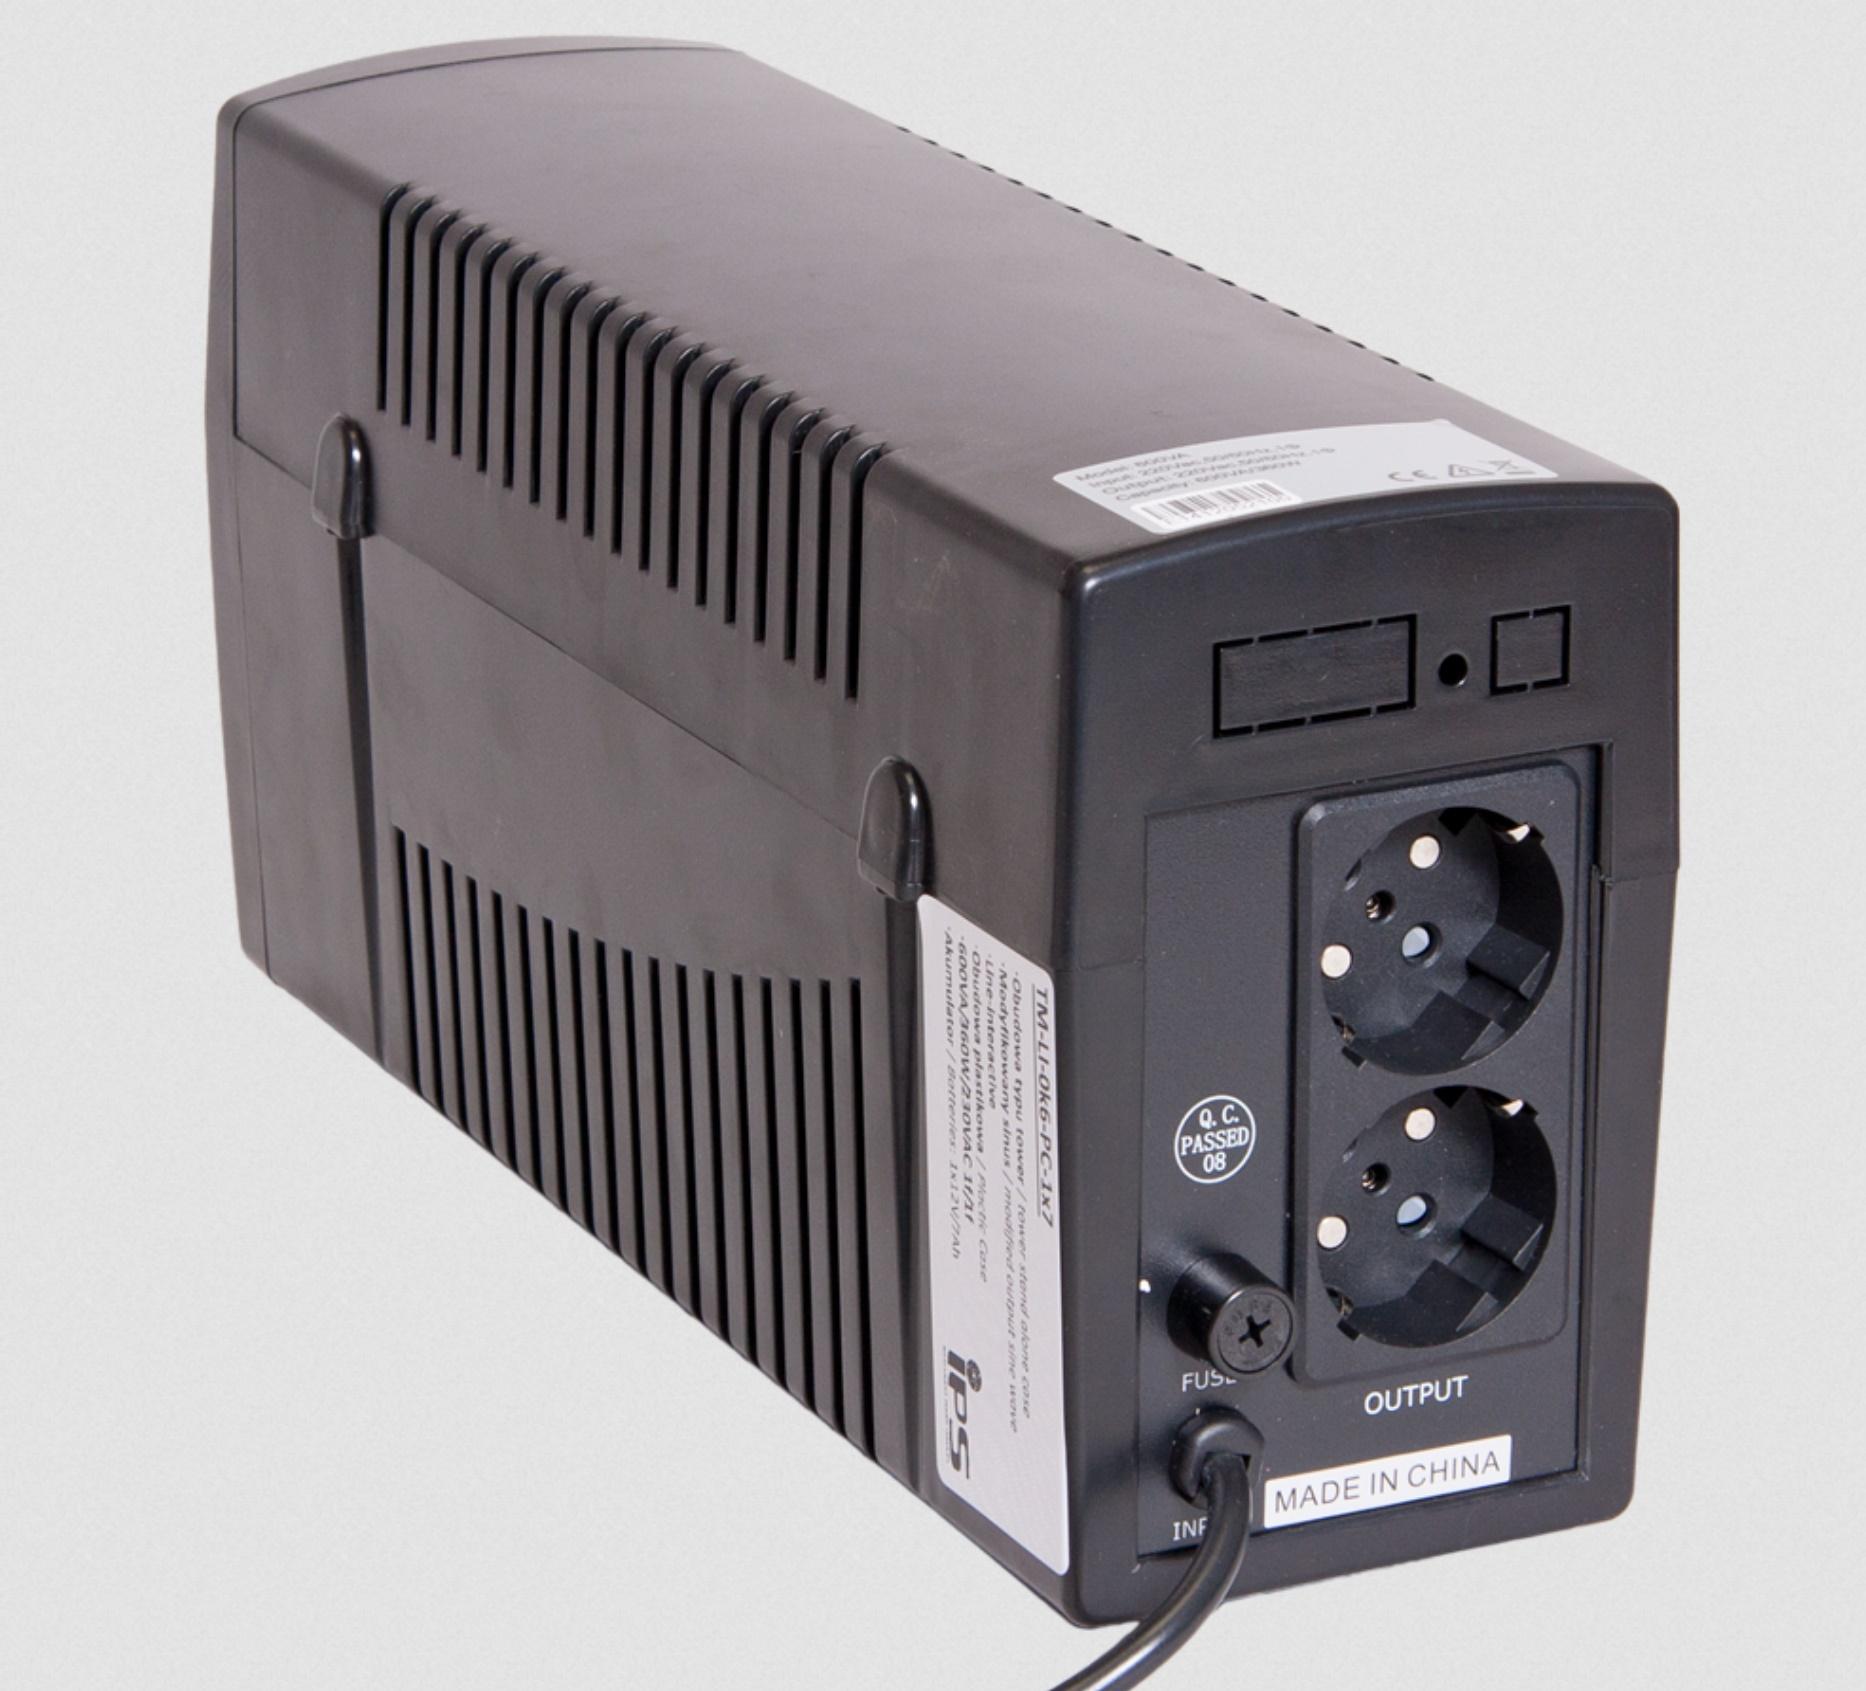 Unterbrechungsfreie Stromversorgung IPS TM-LI-0k6-PC-1×7 inklusive eingebauter Batterie